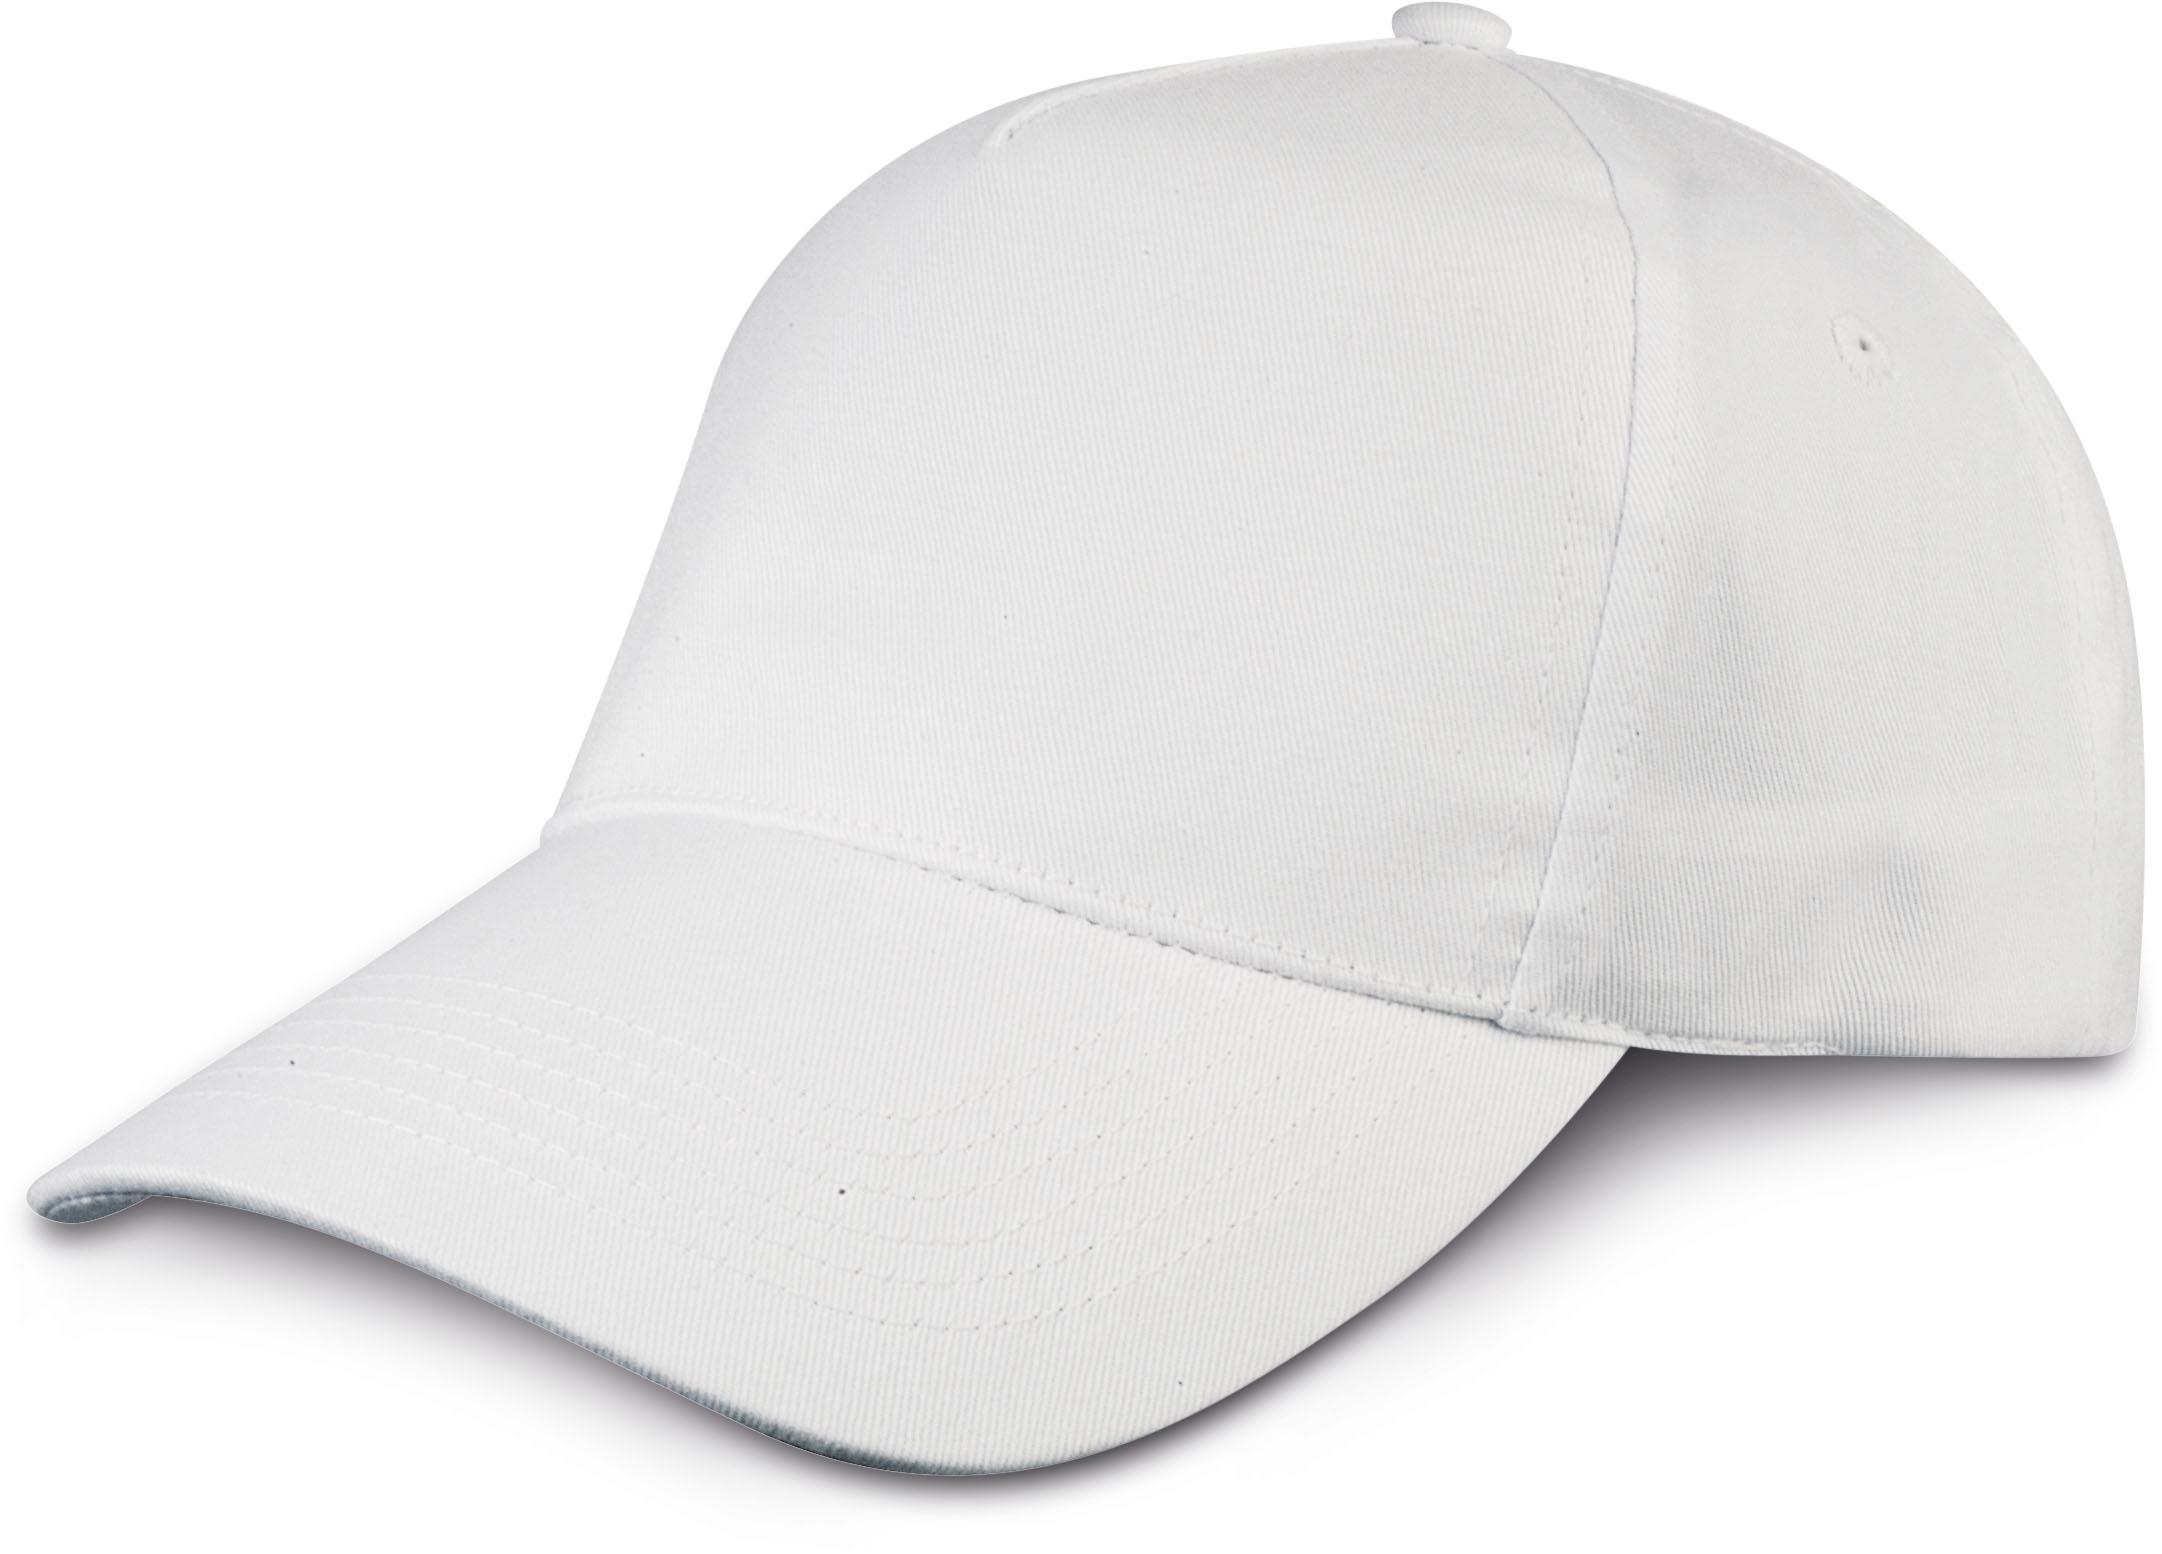 Cappellino Bianco PERSONALIZZATO Cappellino Bianco PERSONALIZZATO f2dc23e2c24b